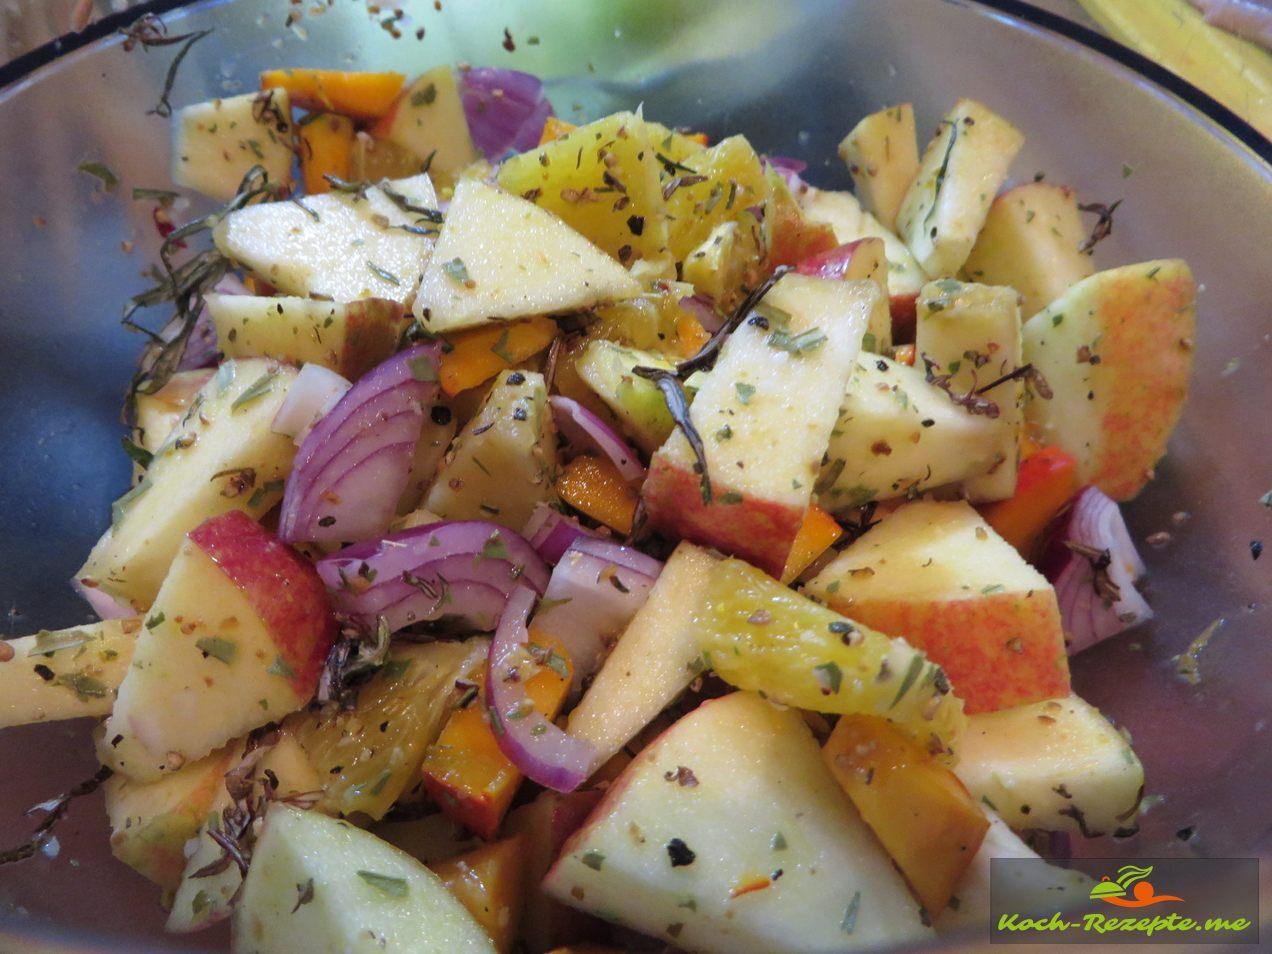 Obst würzen mit Beifuss, Estragon, Zimt,Nelke,Pfeffer und Salz